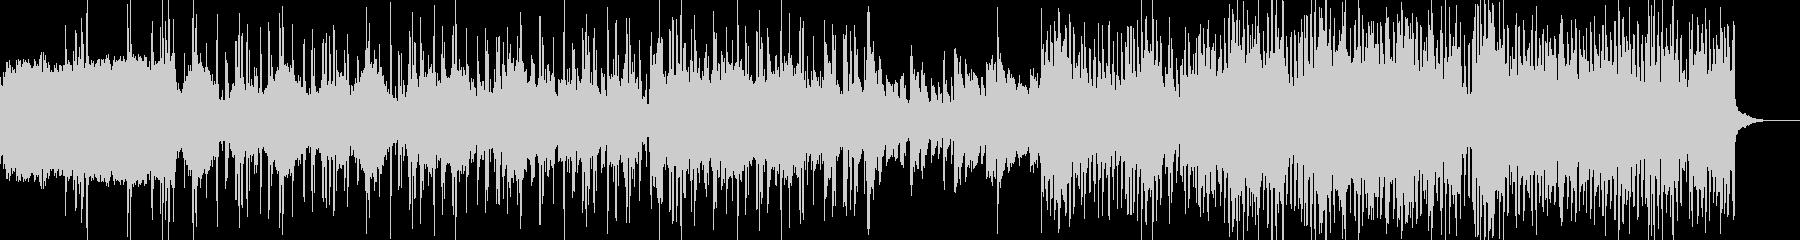 ダウンテンポ系BGMの未再生の波形